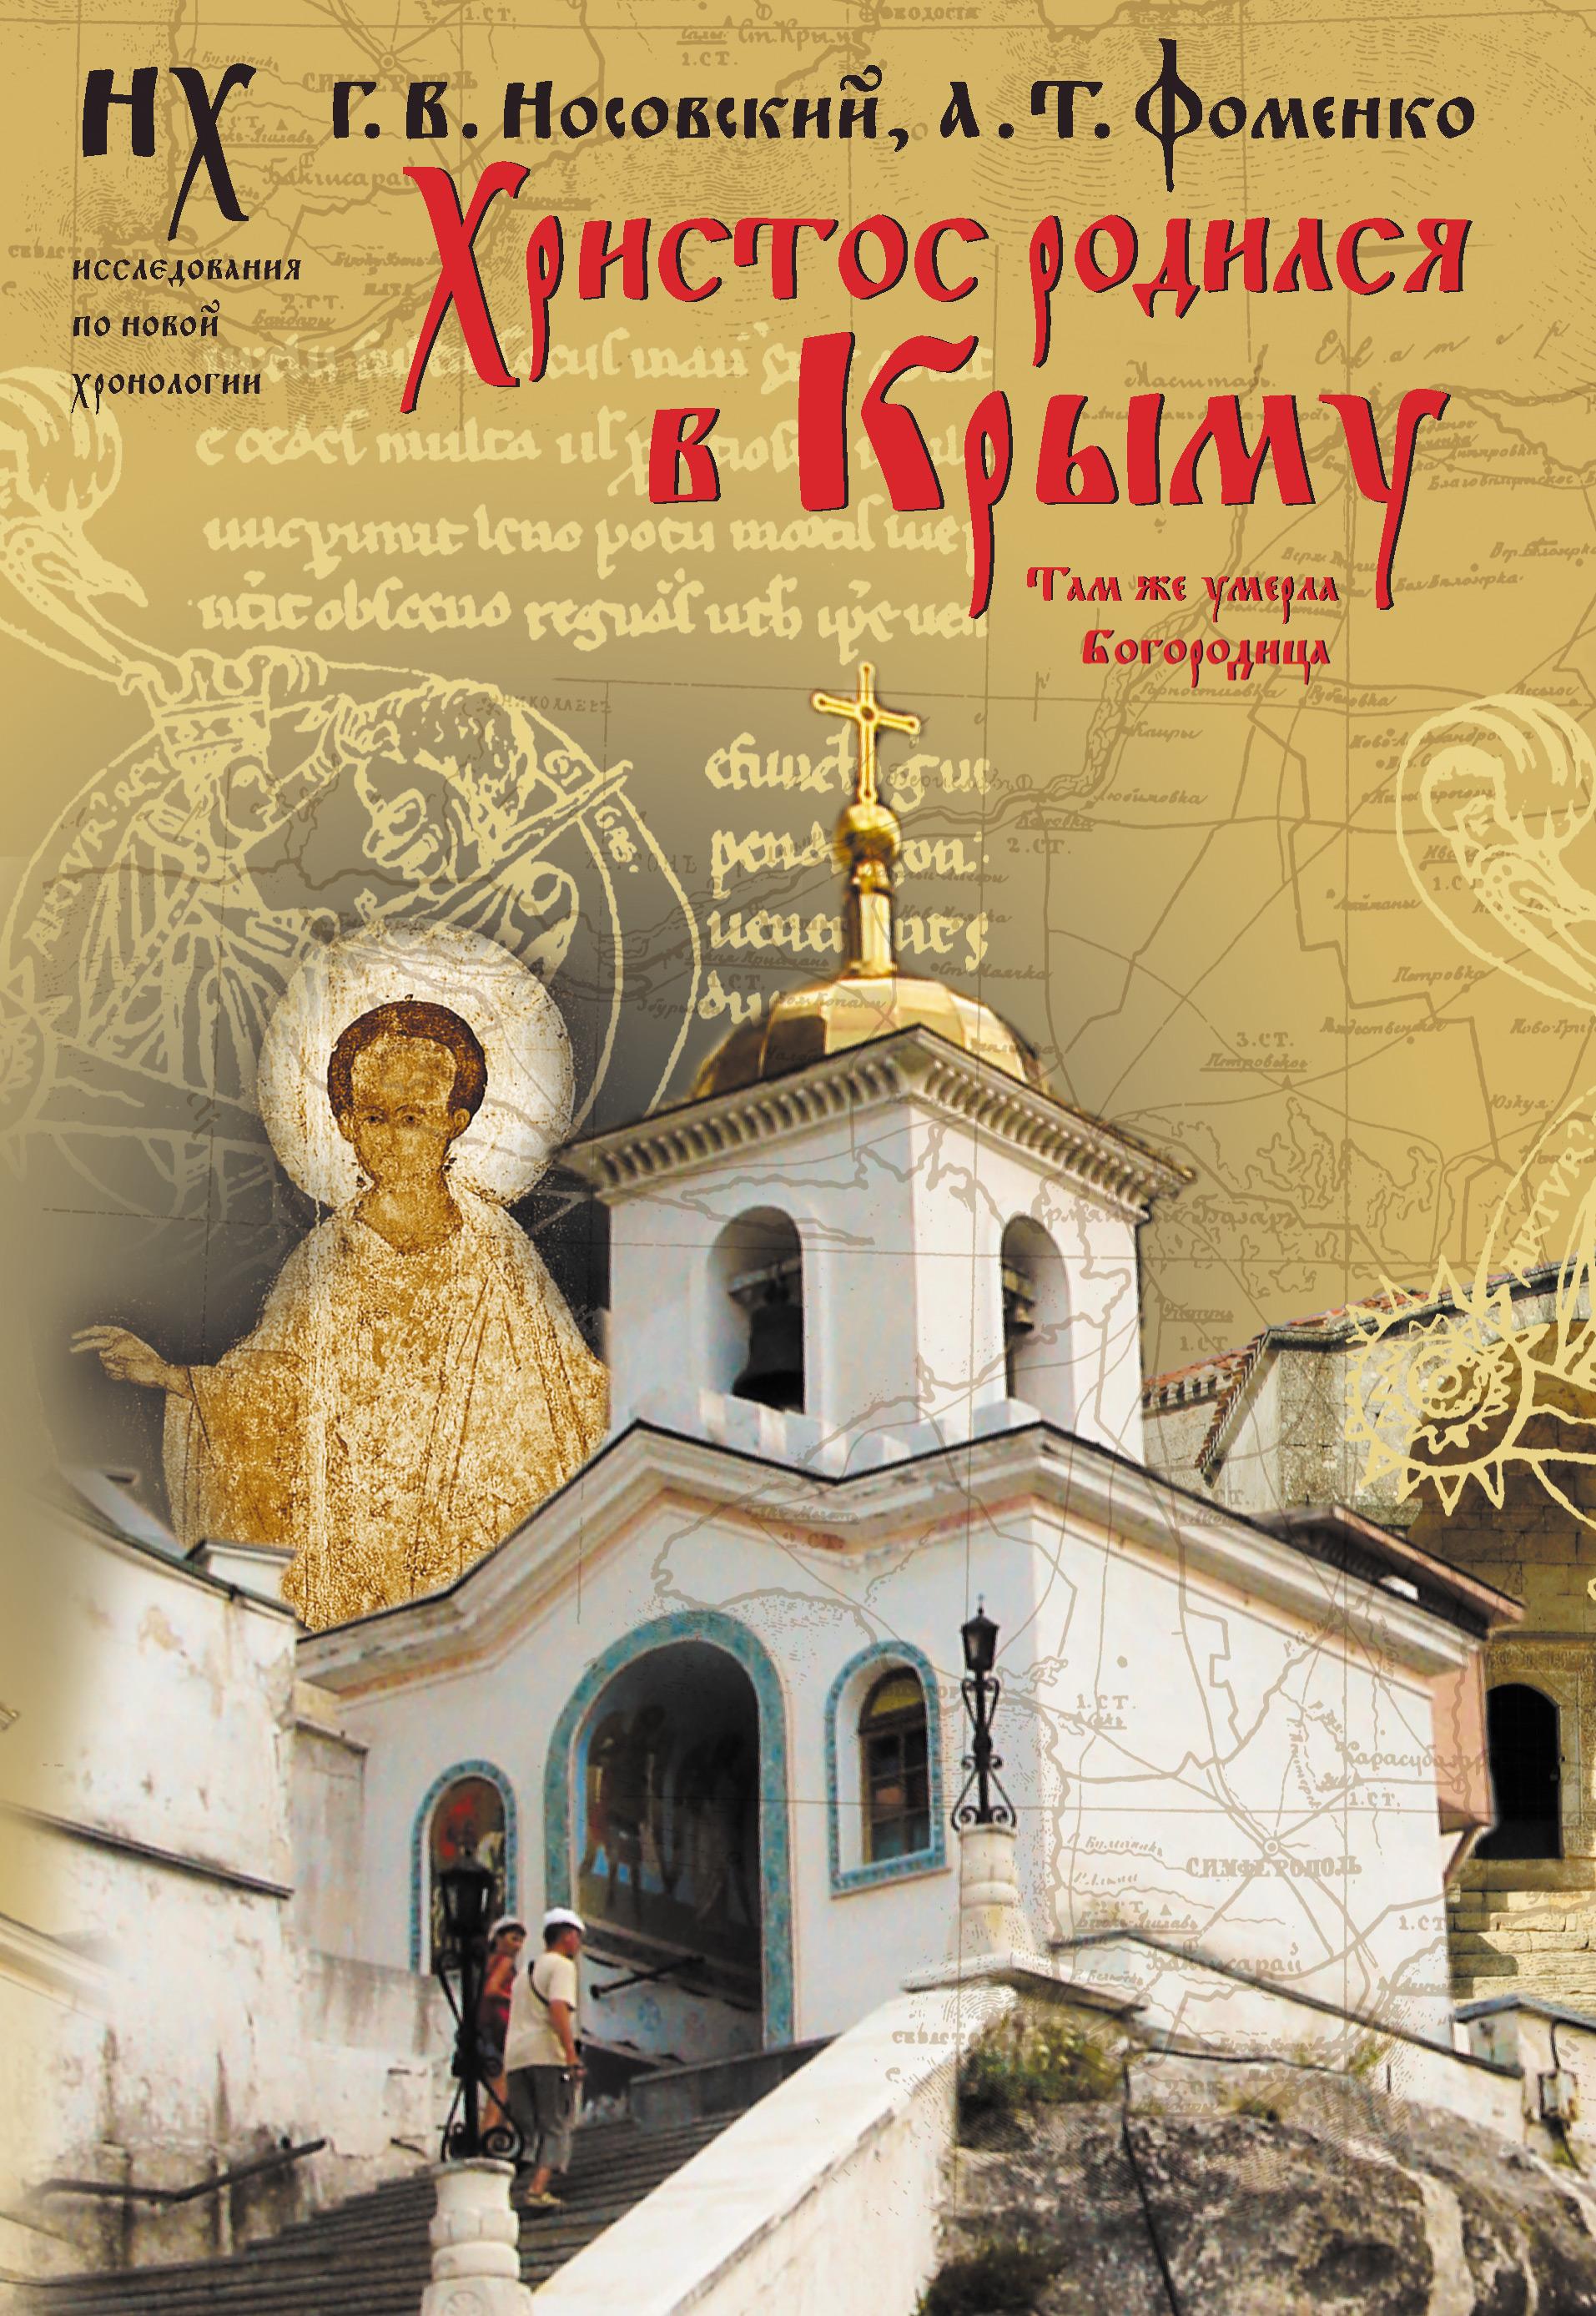 Глеб Носовский Христос родился в Крыму. Там же умерла Богородица носовский г в фоменко а т христос родился в крыму там же умерла богородица